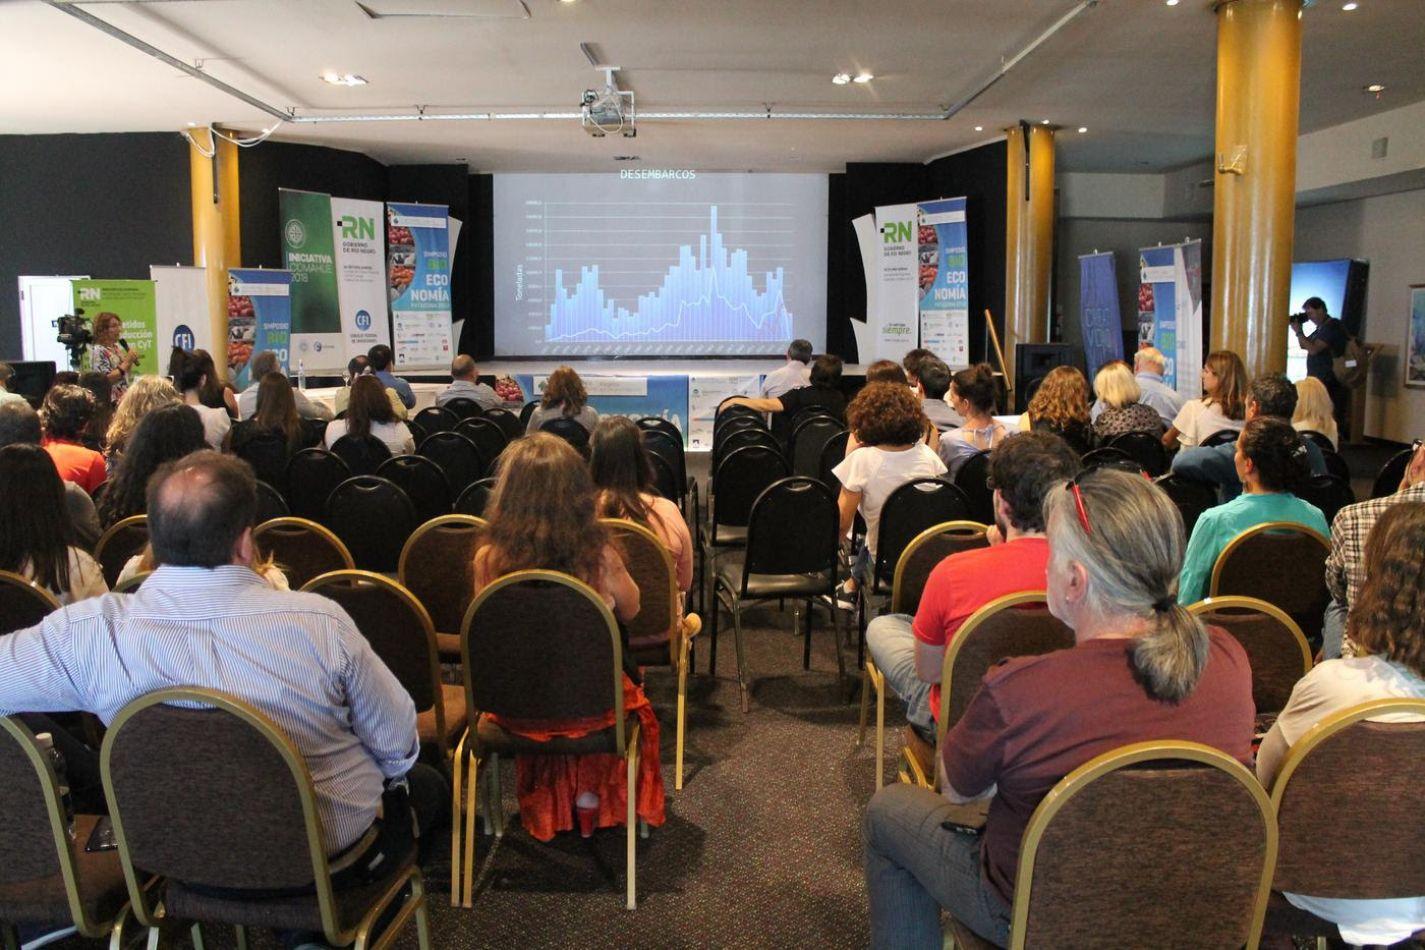 Funcionarios de la provincia disertaron en el evento realizado en Las Grutas, Río Negro los días 28 y 29 de noviembre.